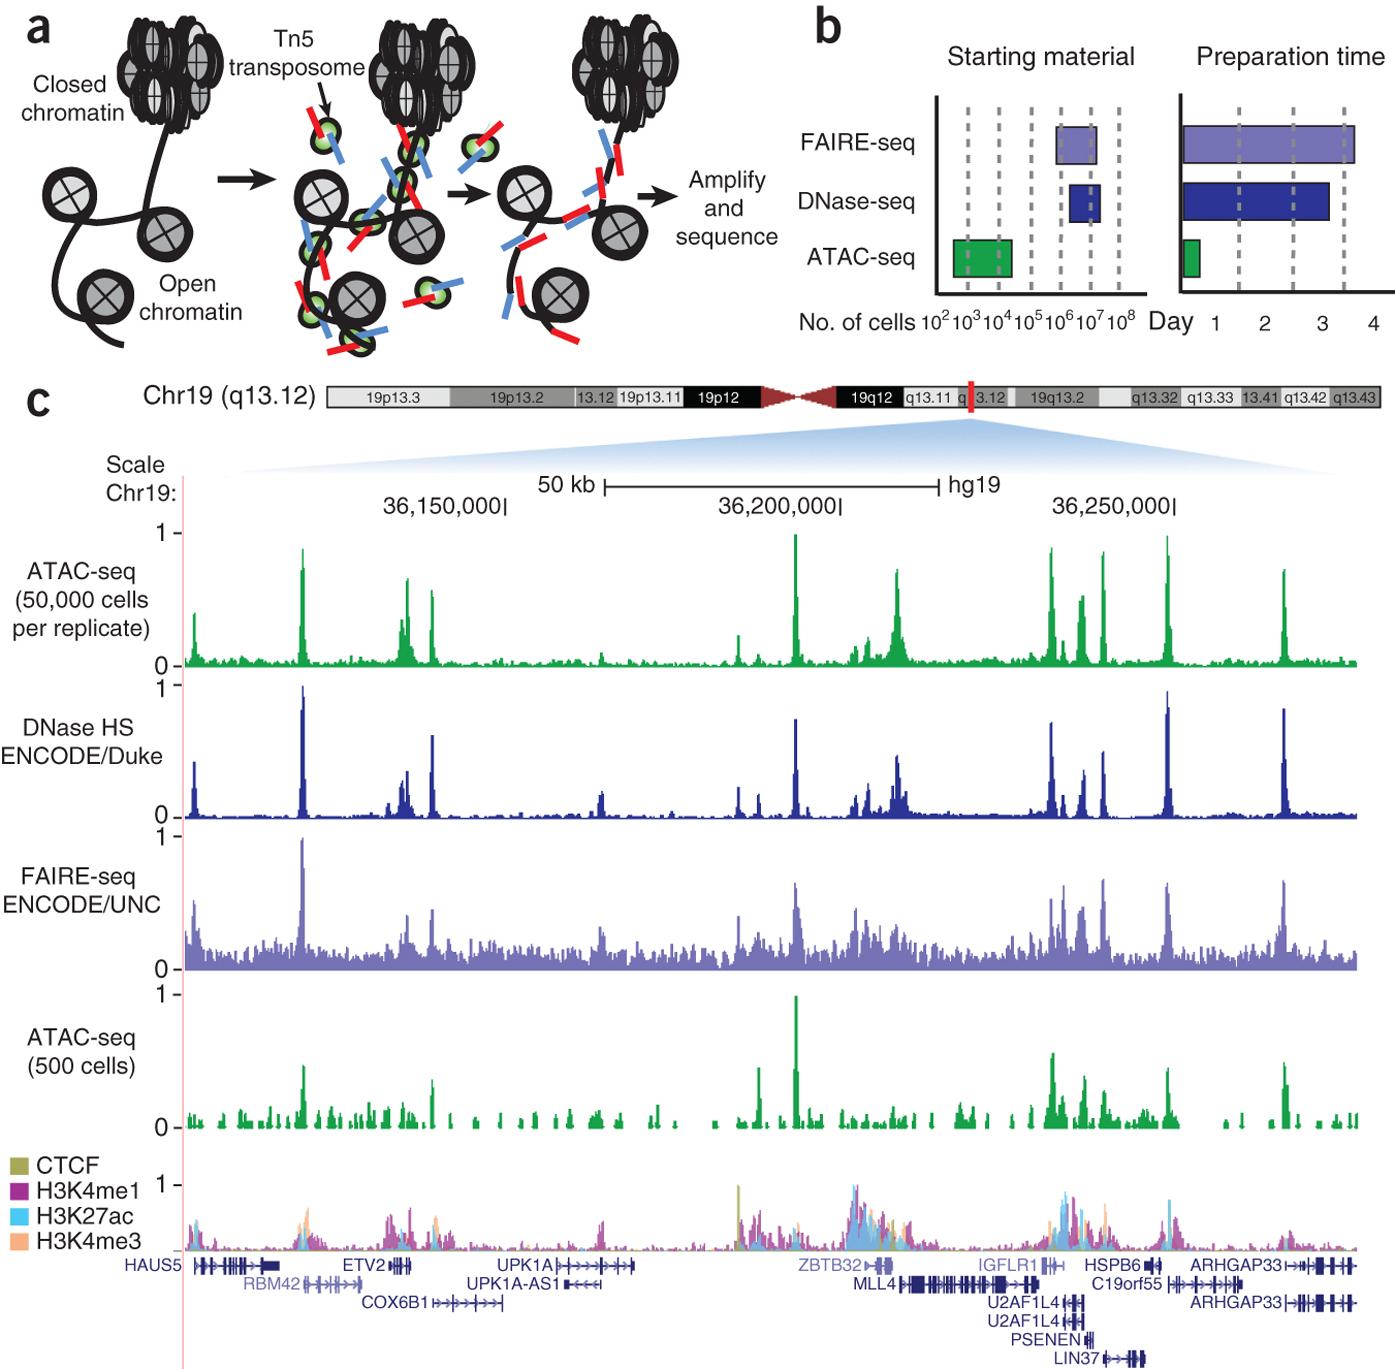 ATAC-seq probes open-chromatin state.